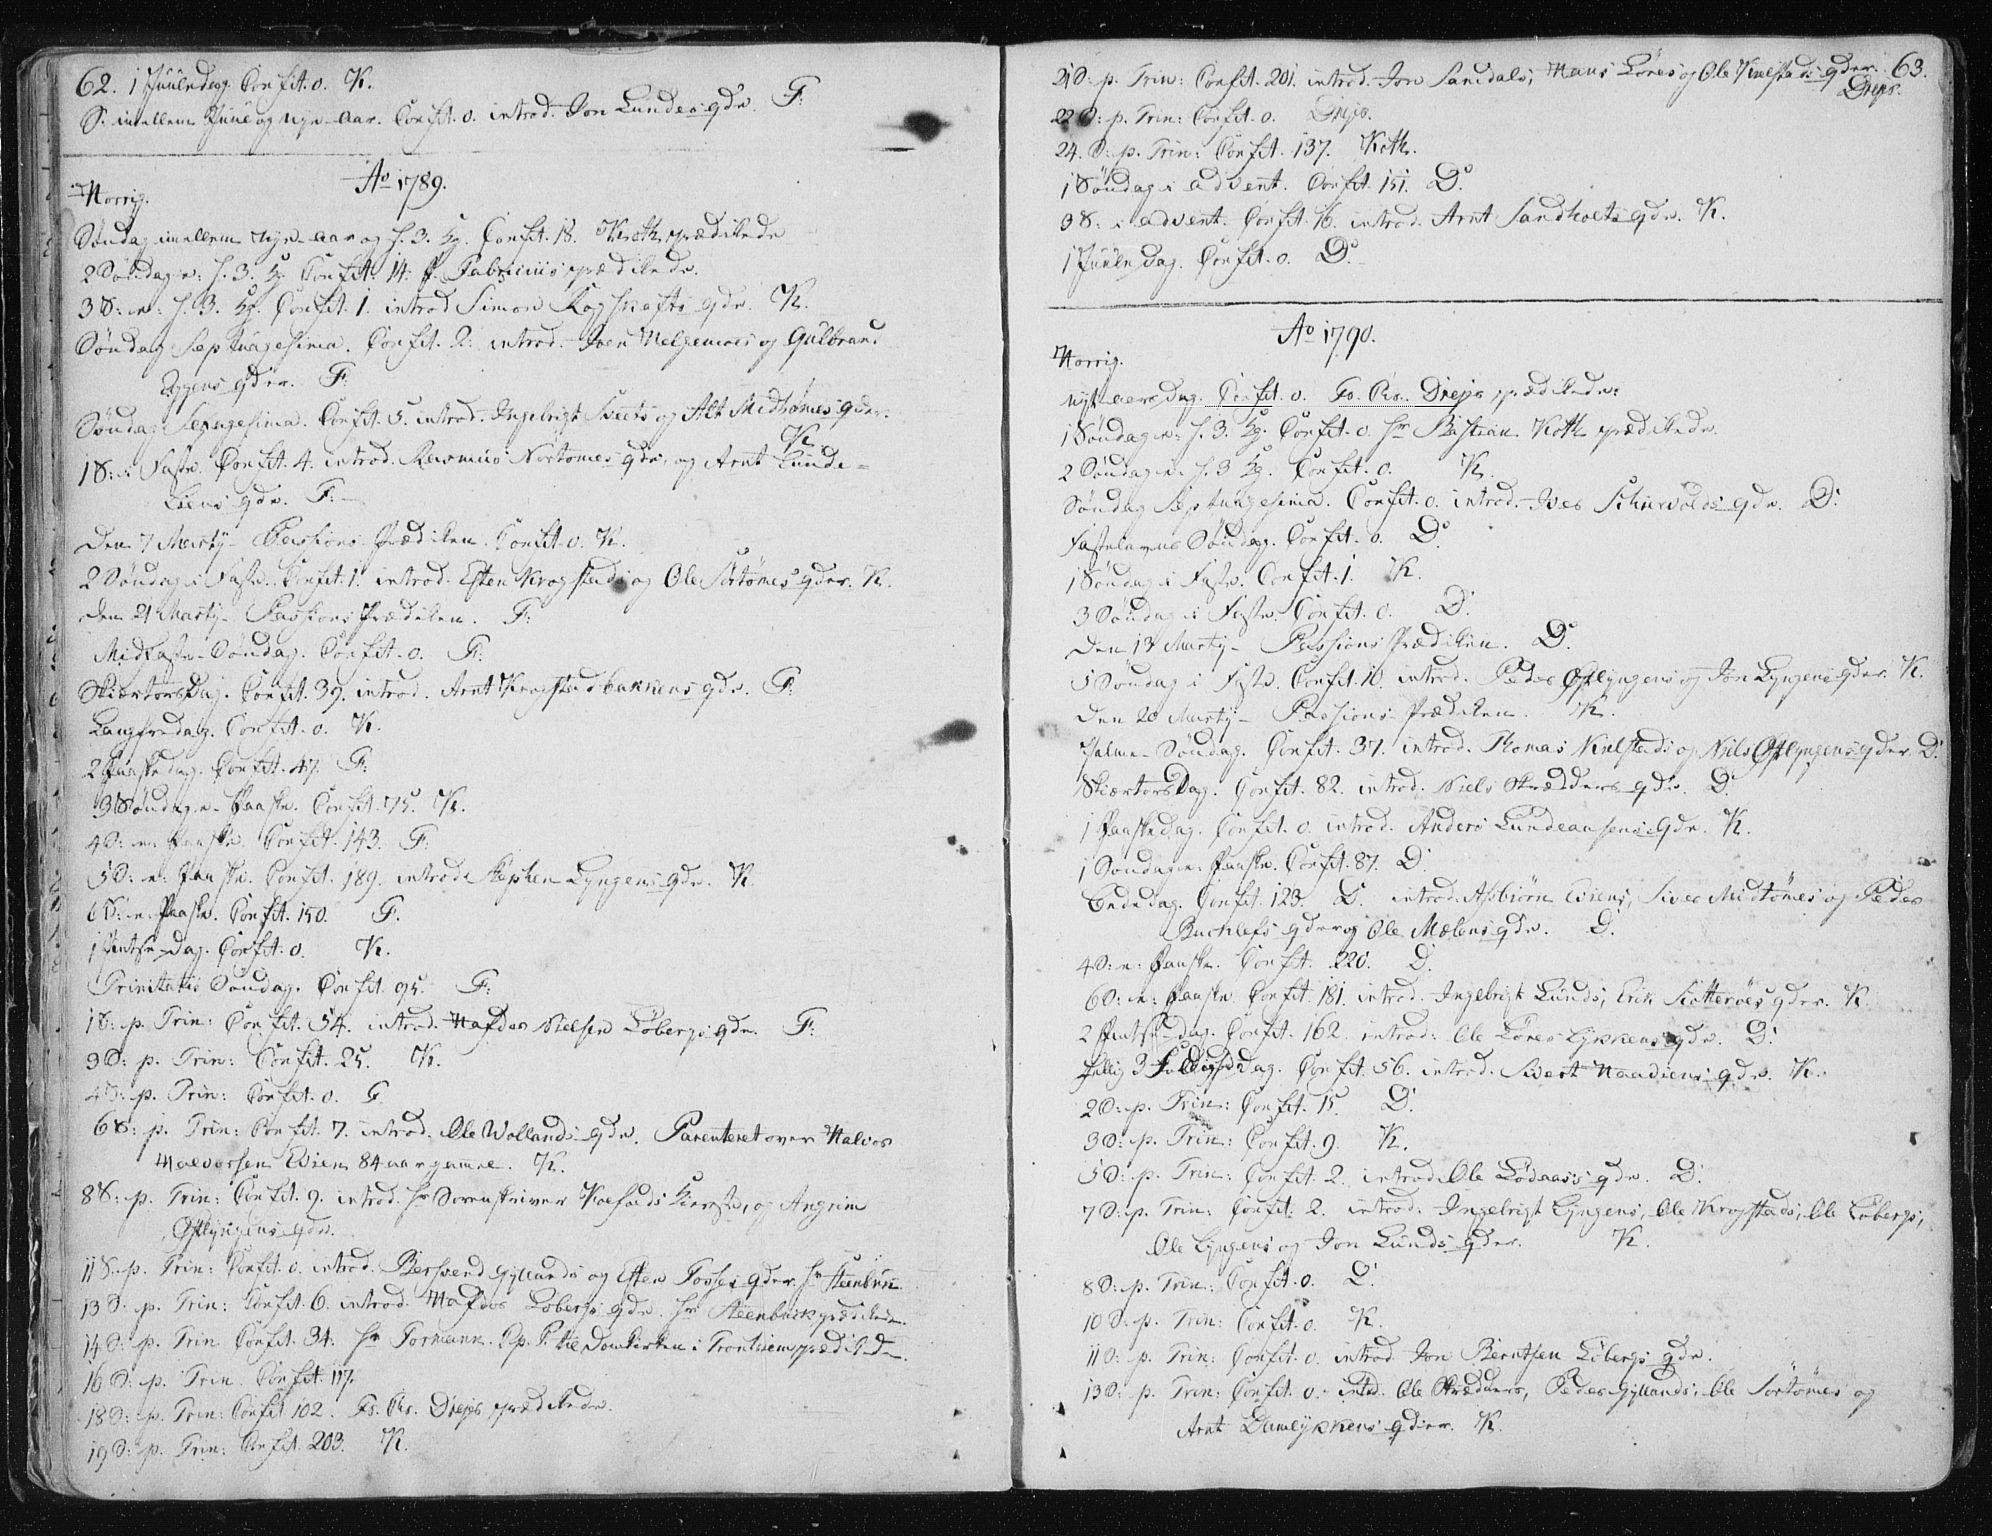 SAT, Ministerialprotokoller, klokkerbøker og fødselsregistre - Sør-Trøndelag, 687/L0993: Ministerialbok nr. 687A03 /2, 1788-1815, s. 62-63